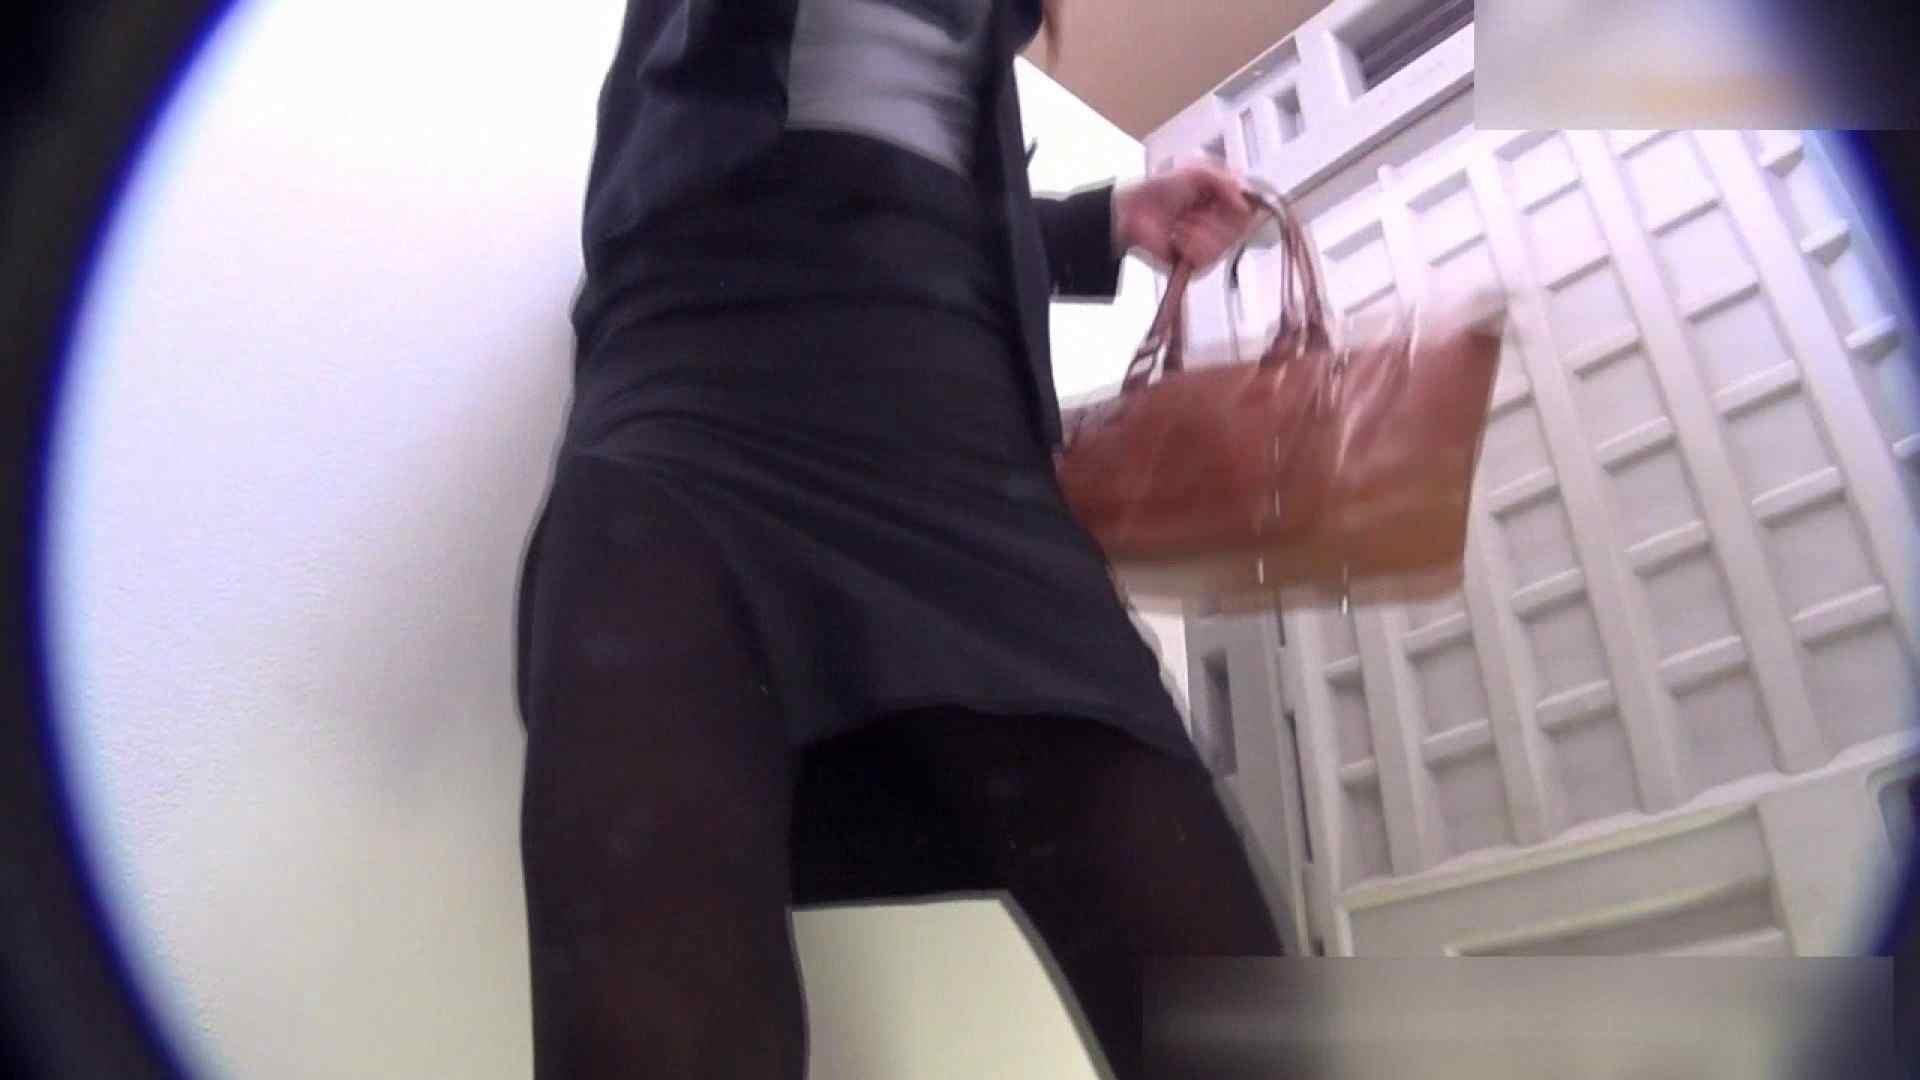 洗面所盗撮~隣の美人お姉さんVol.19 独占盗撮  24連発 14